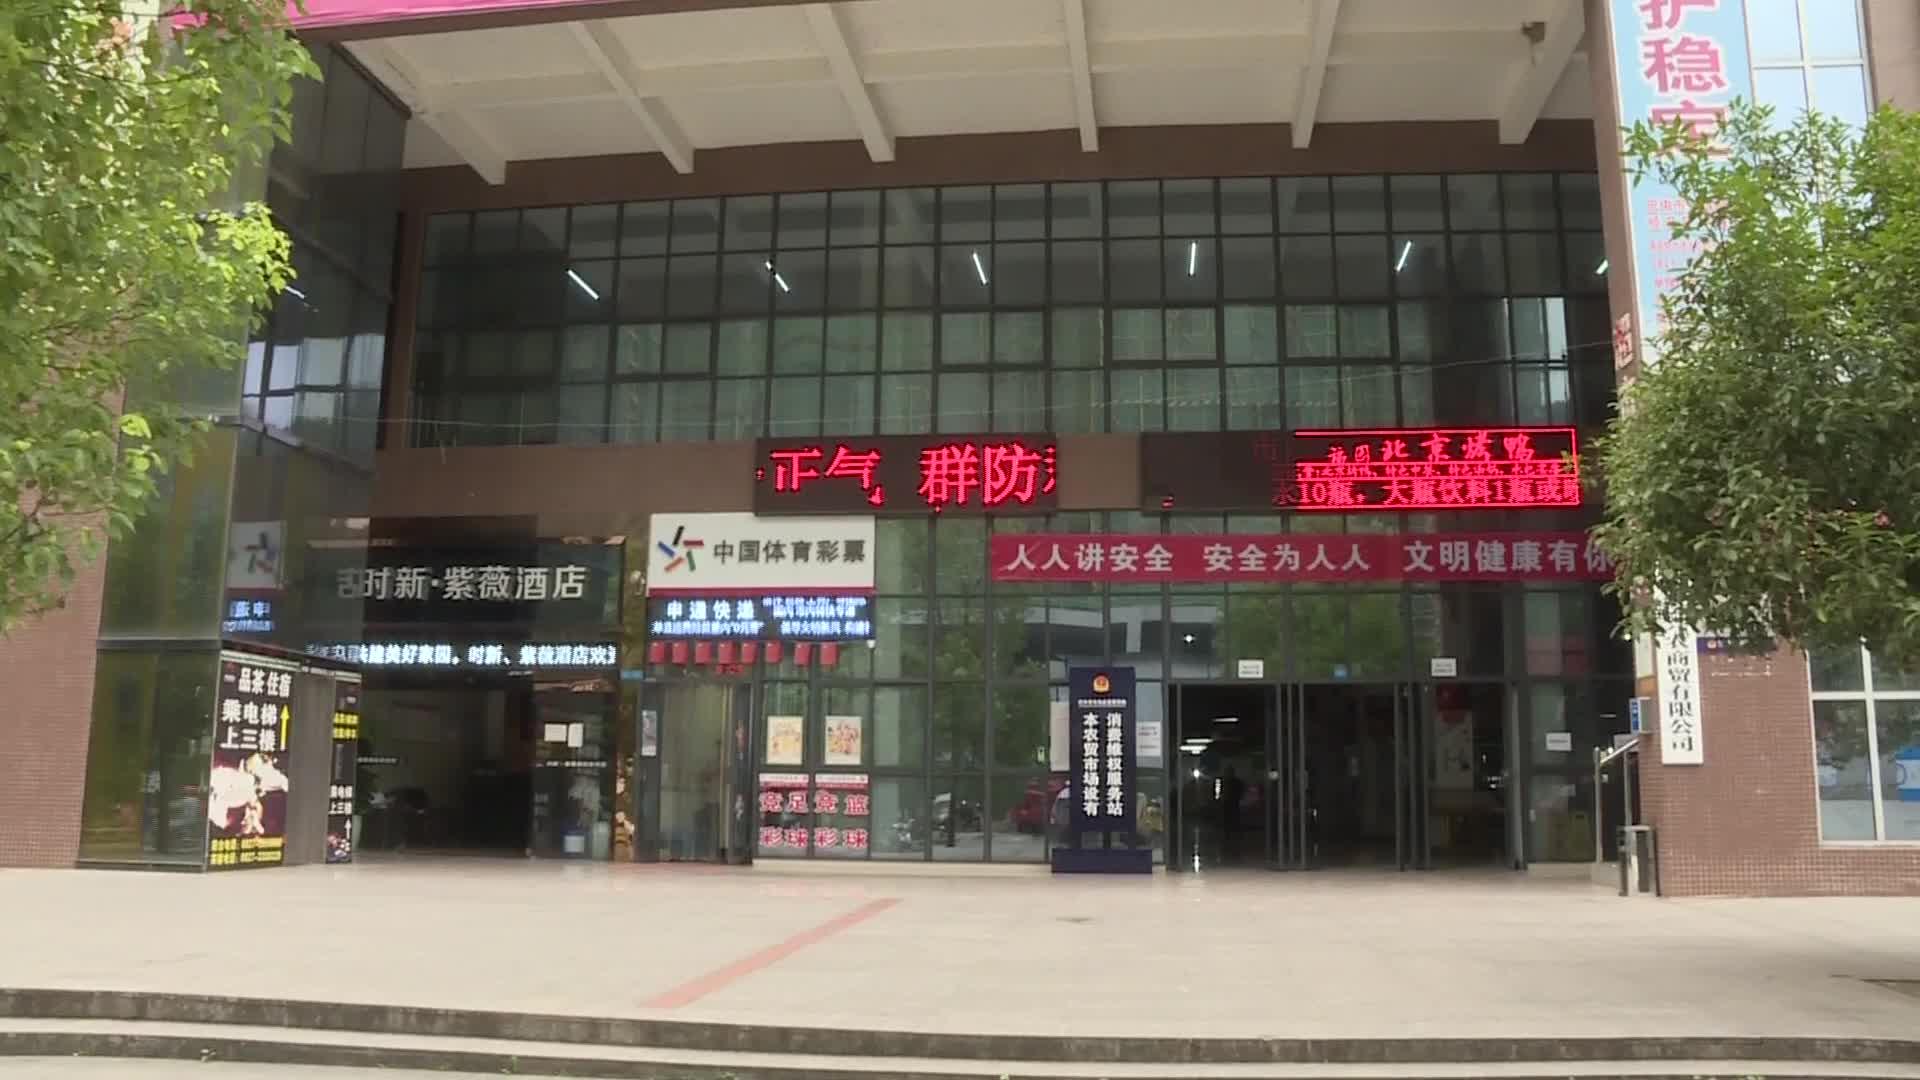 巴中禁售长江流域非法捕捞渔获物